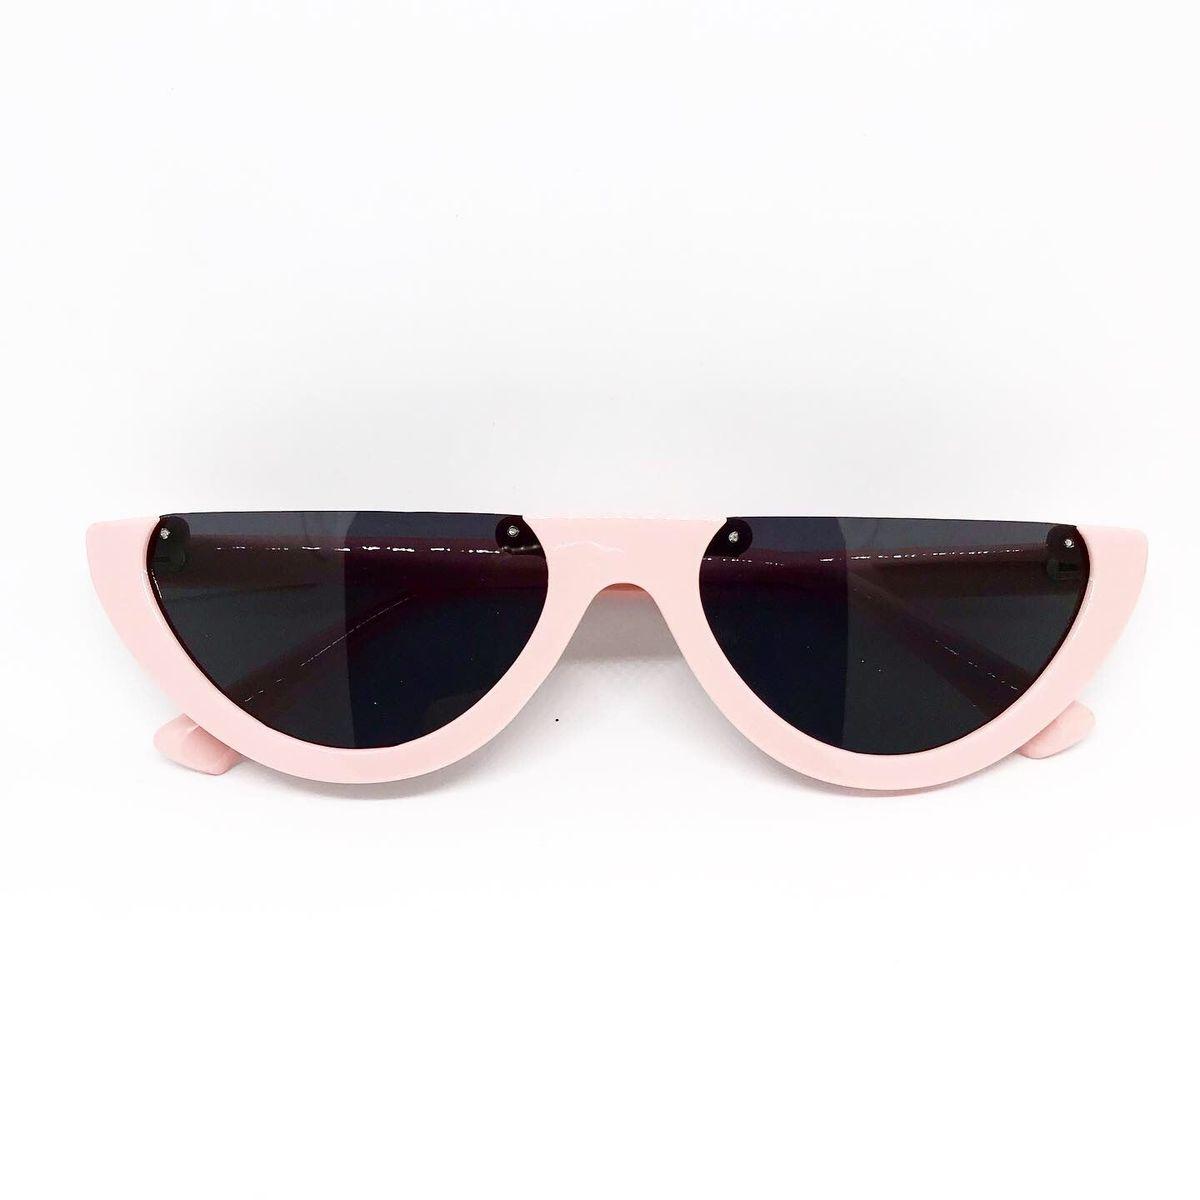 3c2fb9ada Óculos Meia Lua Rosa e Preto | Óculos Feminino Lecoleto Nunca Usado  34446961 | enjoei